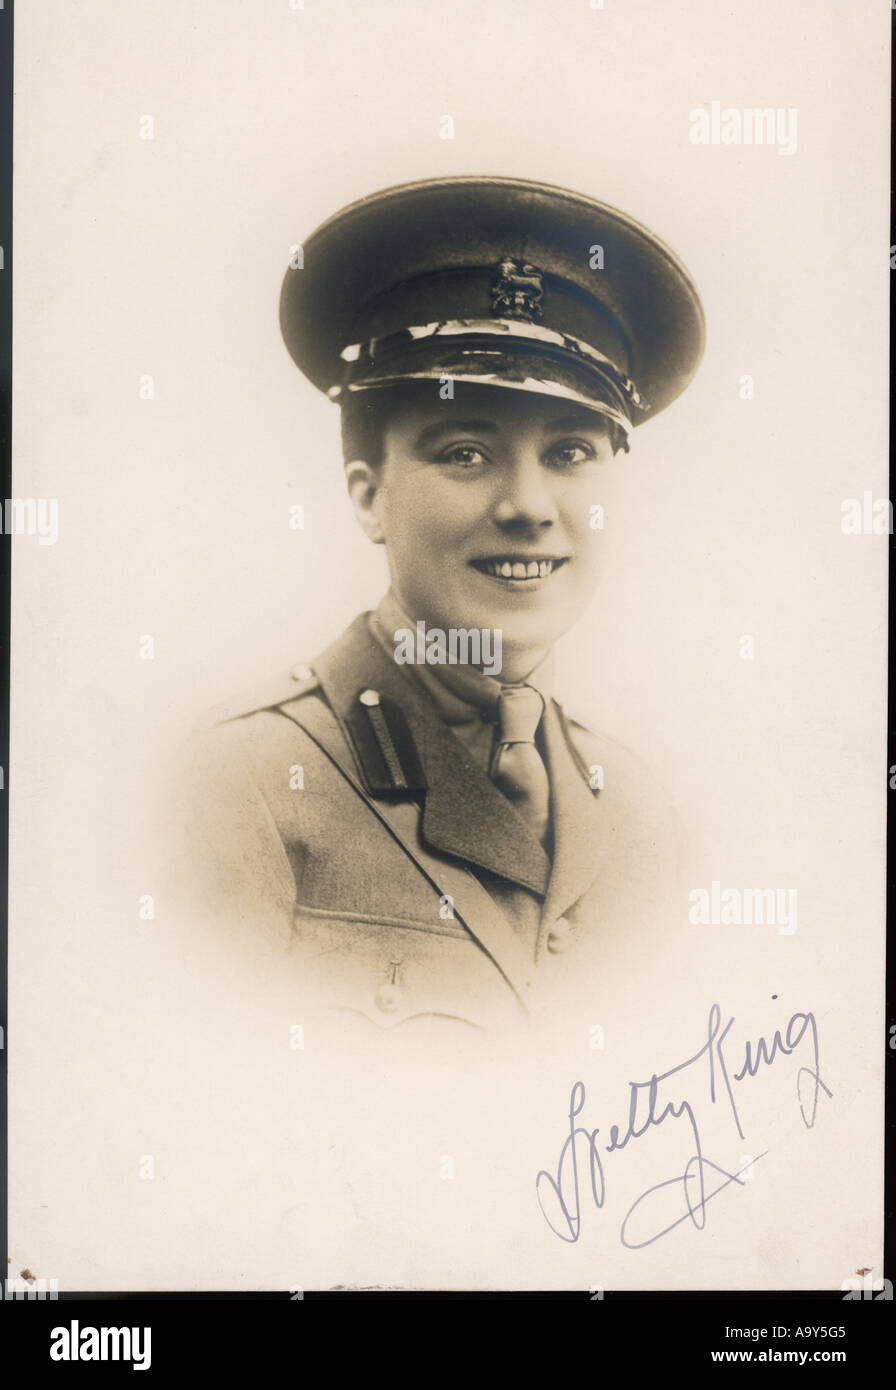 Hetty King Signed - Stock Image